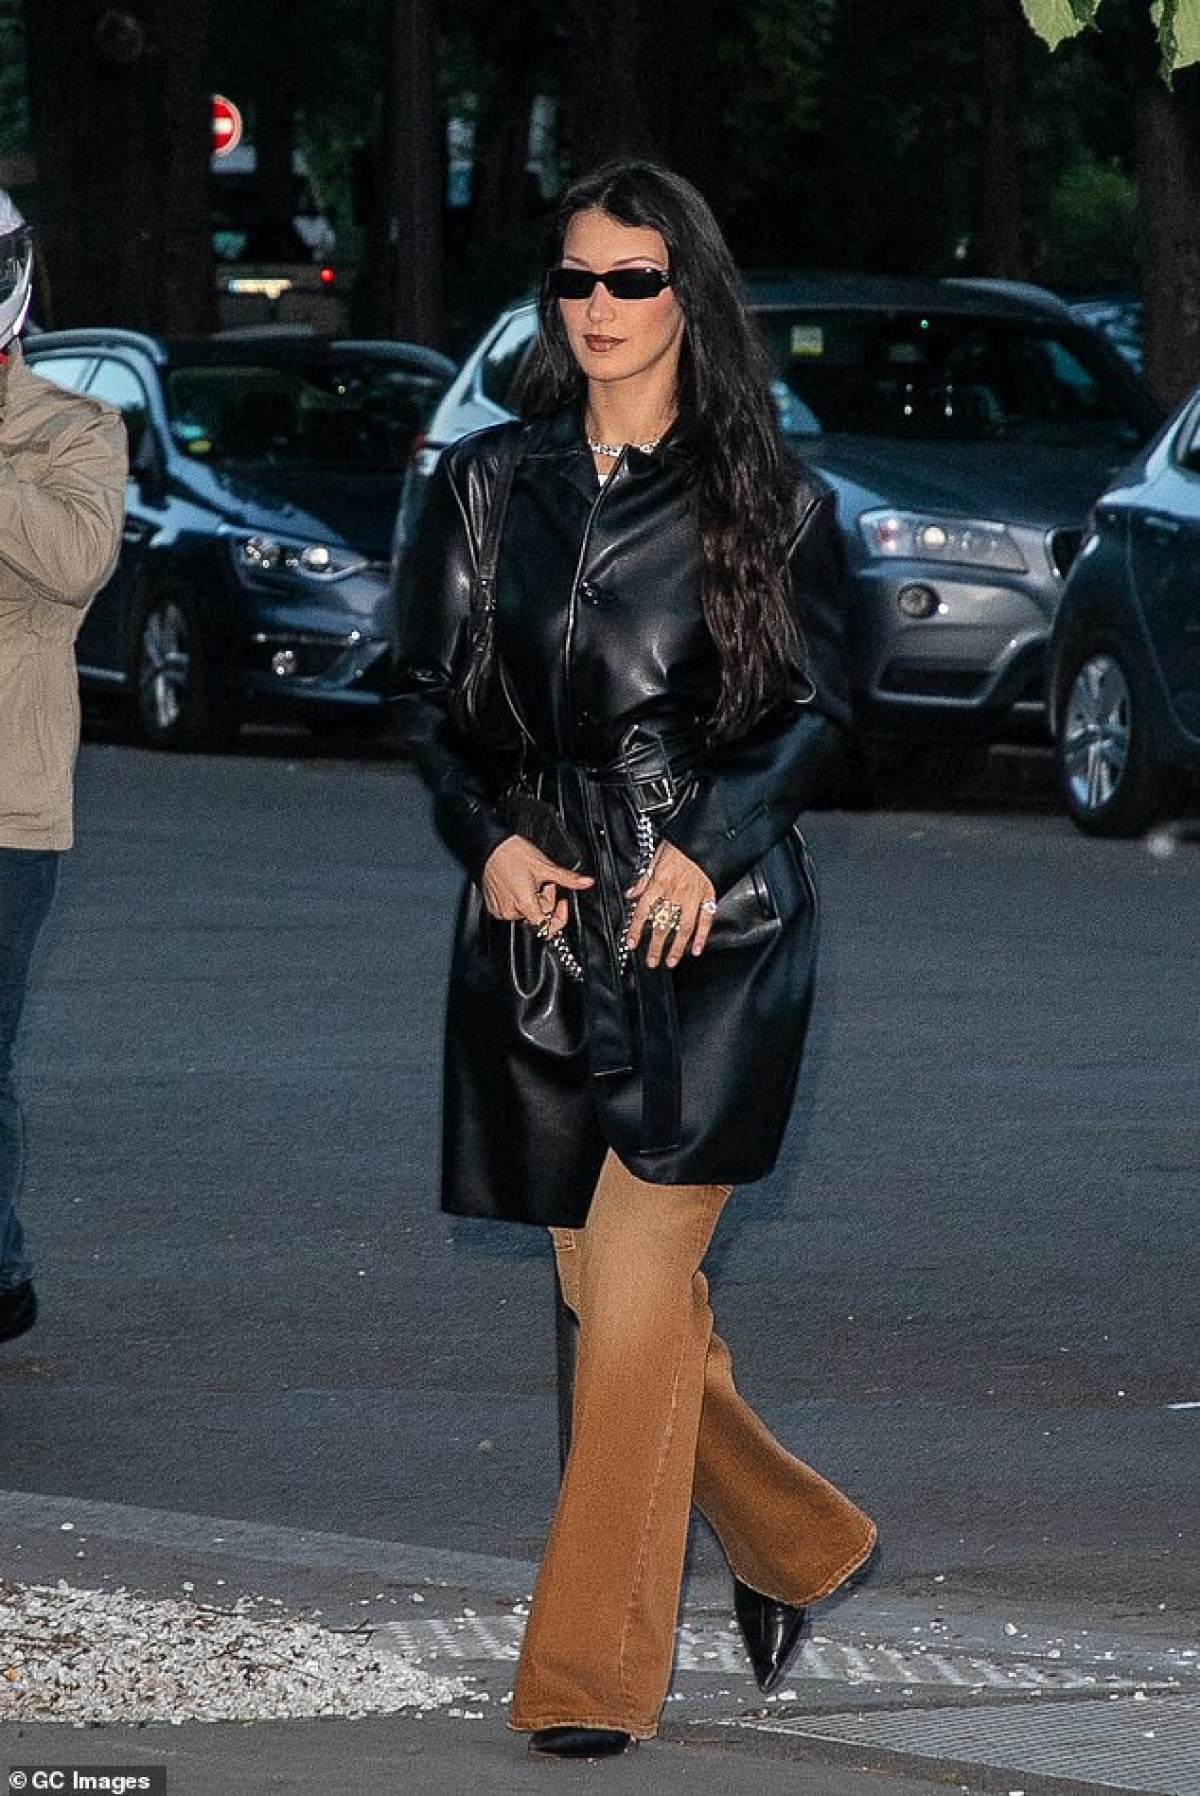 Người mẫu 9X diện áo khoác da phối cùng quần ống loe sang chảnh, khoe dáng thanh mảnh trên phố.